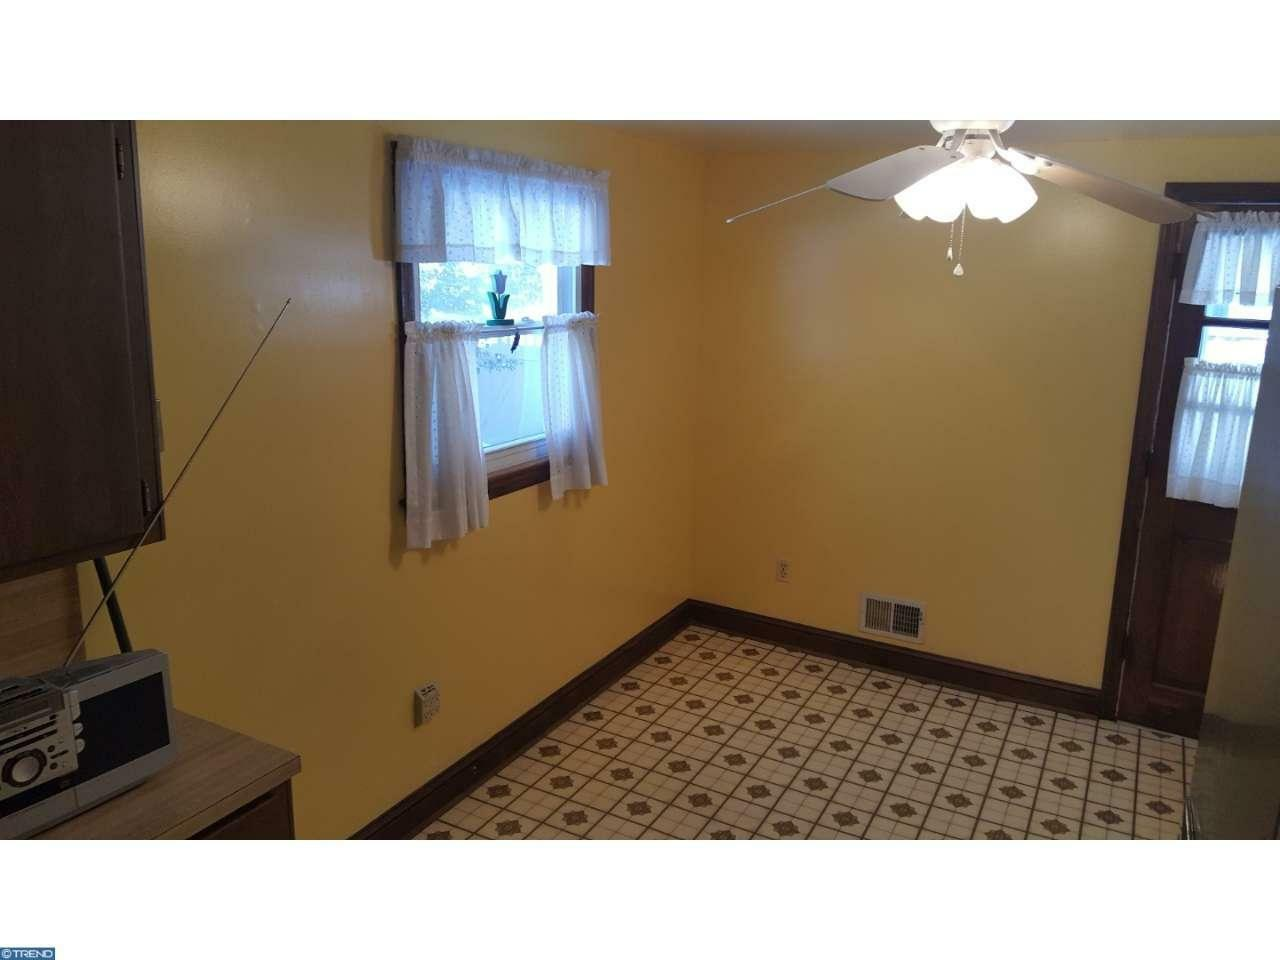 459 Scotch Rd, Hopewell, NJ - USA (photo 5)